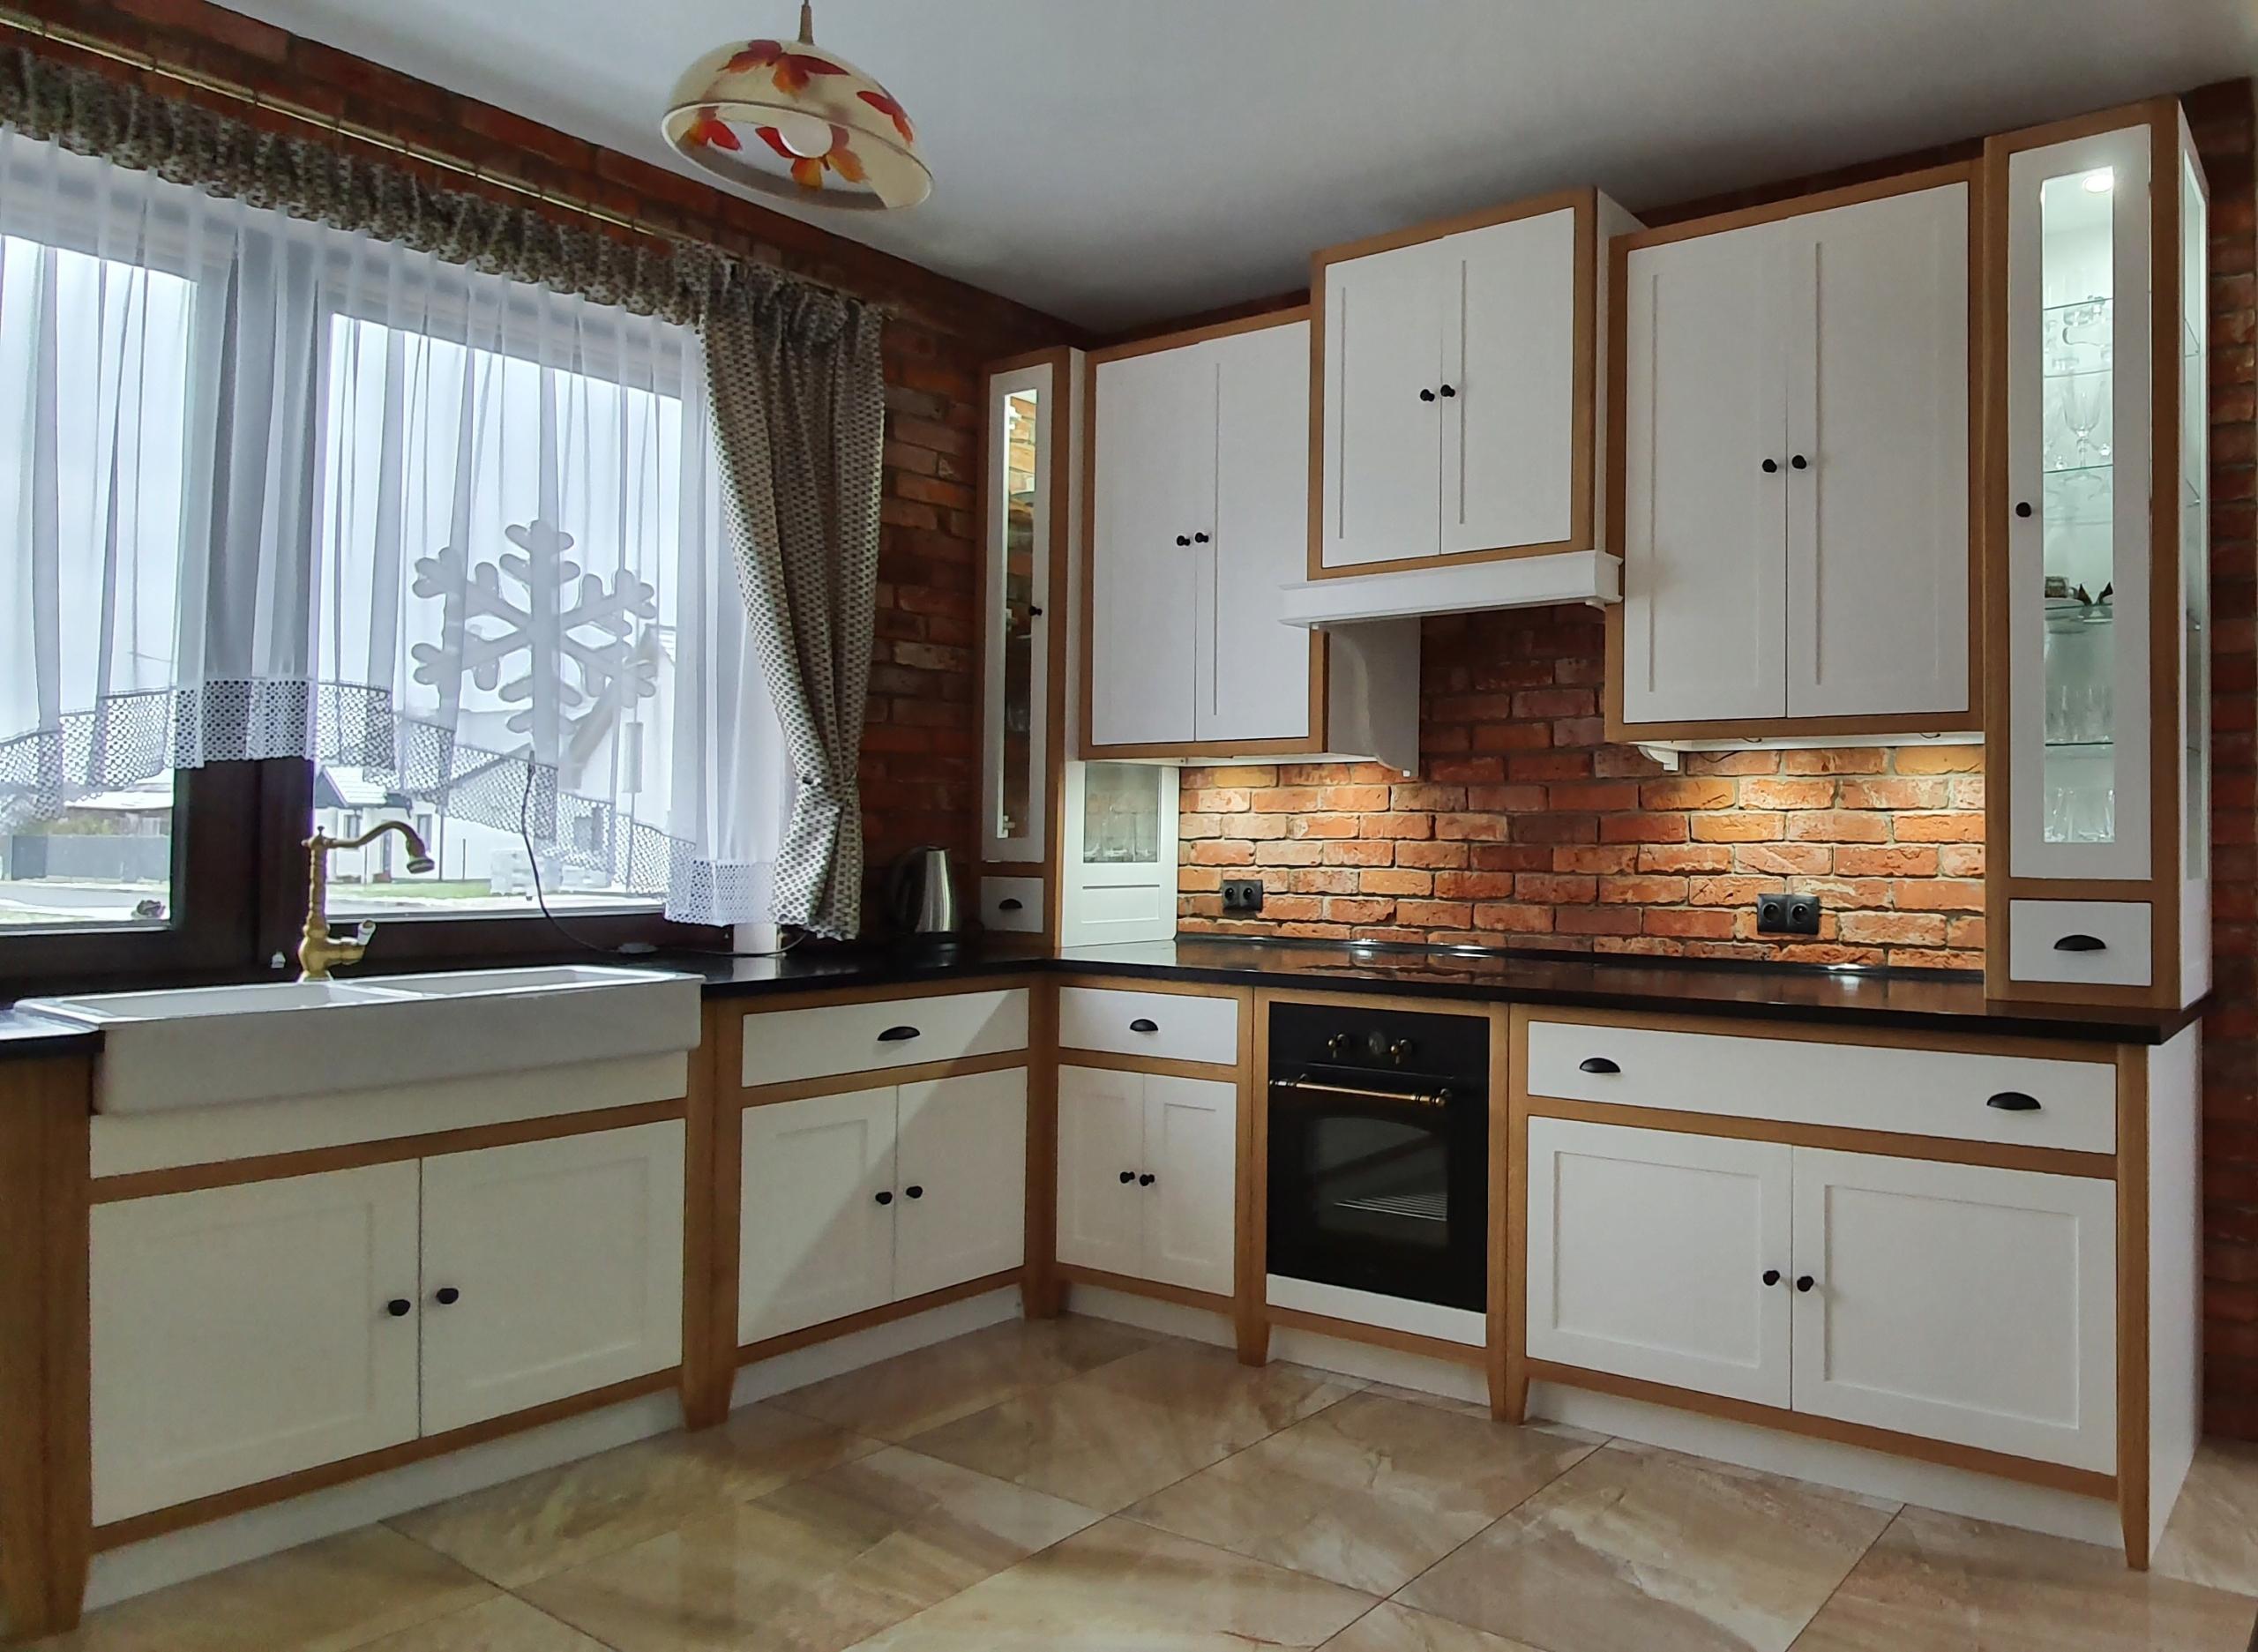 Kuchynský nábytok, drevo, retro, anglický štýl